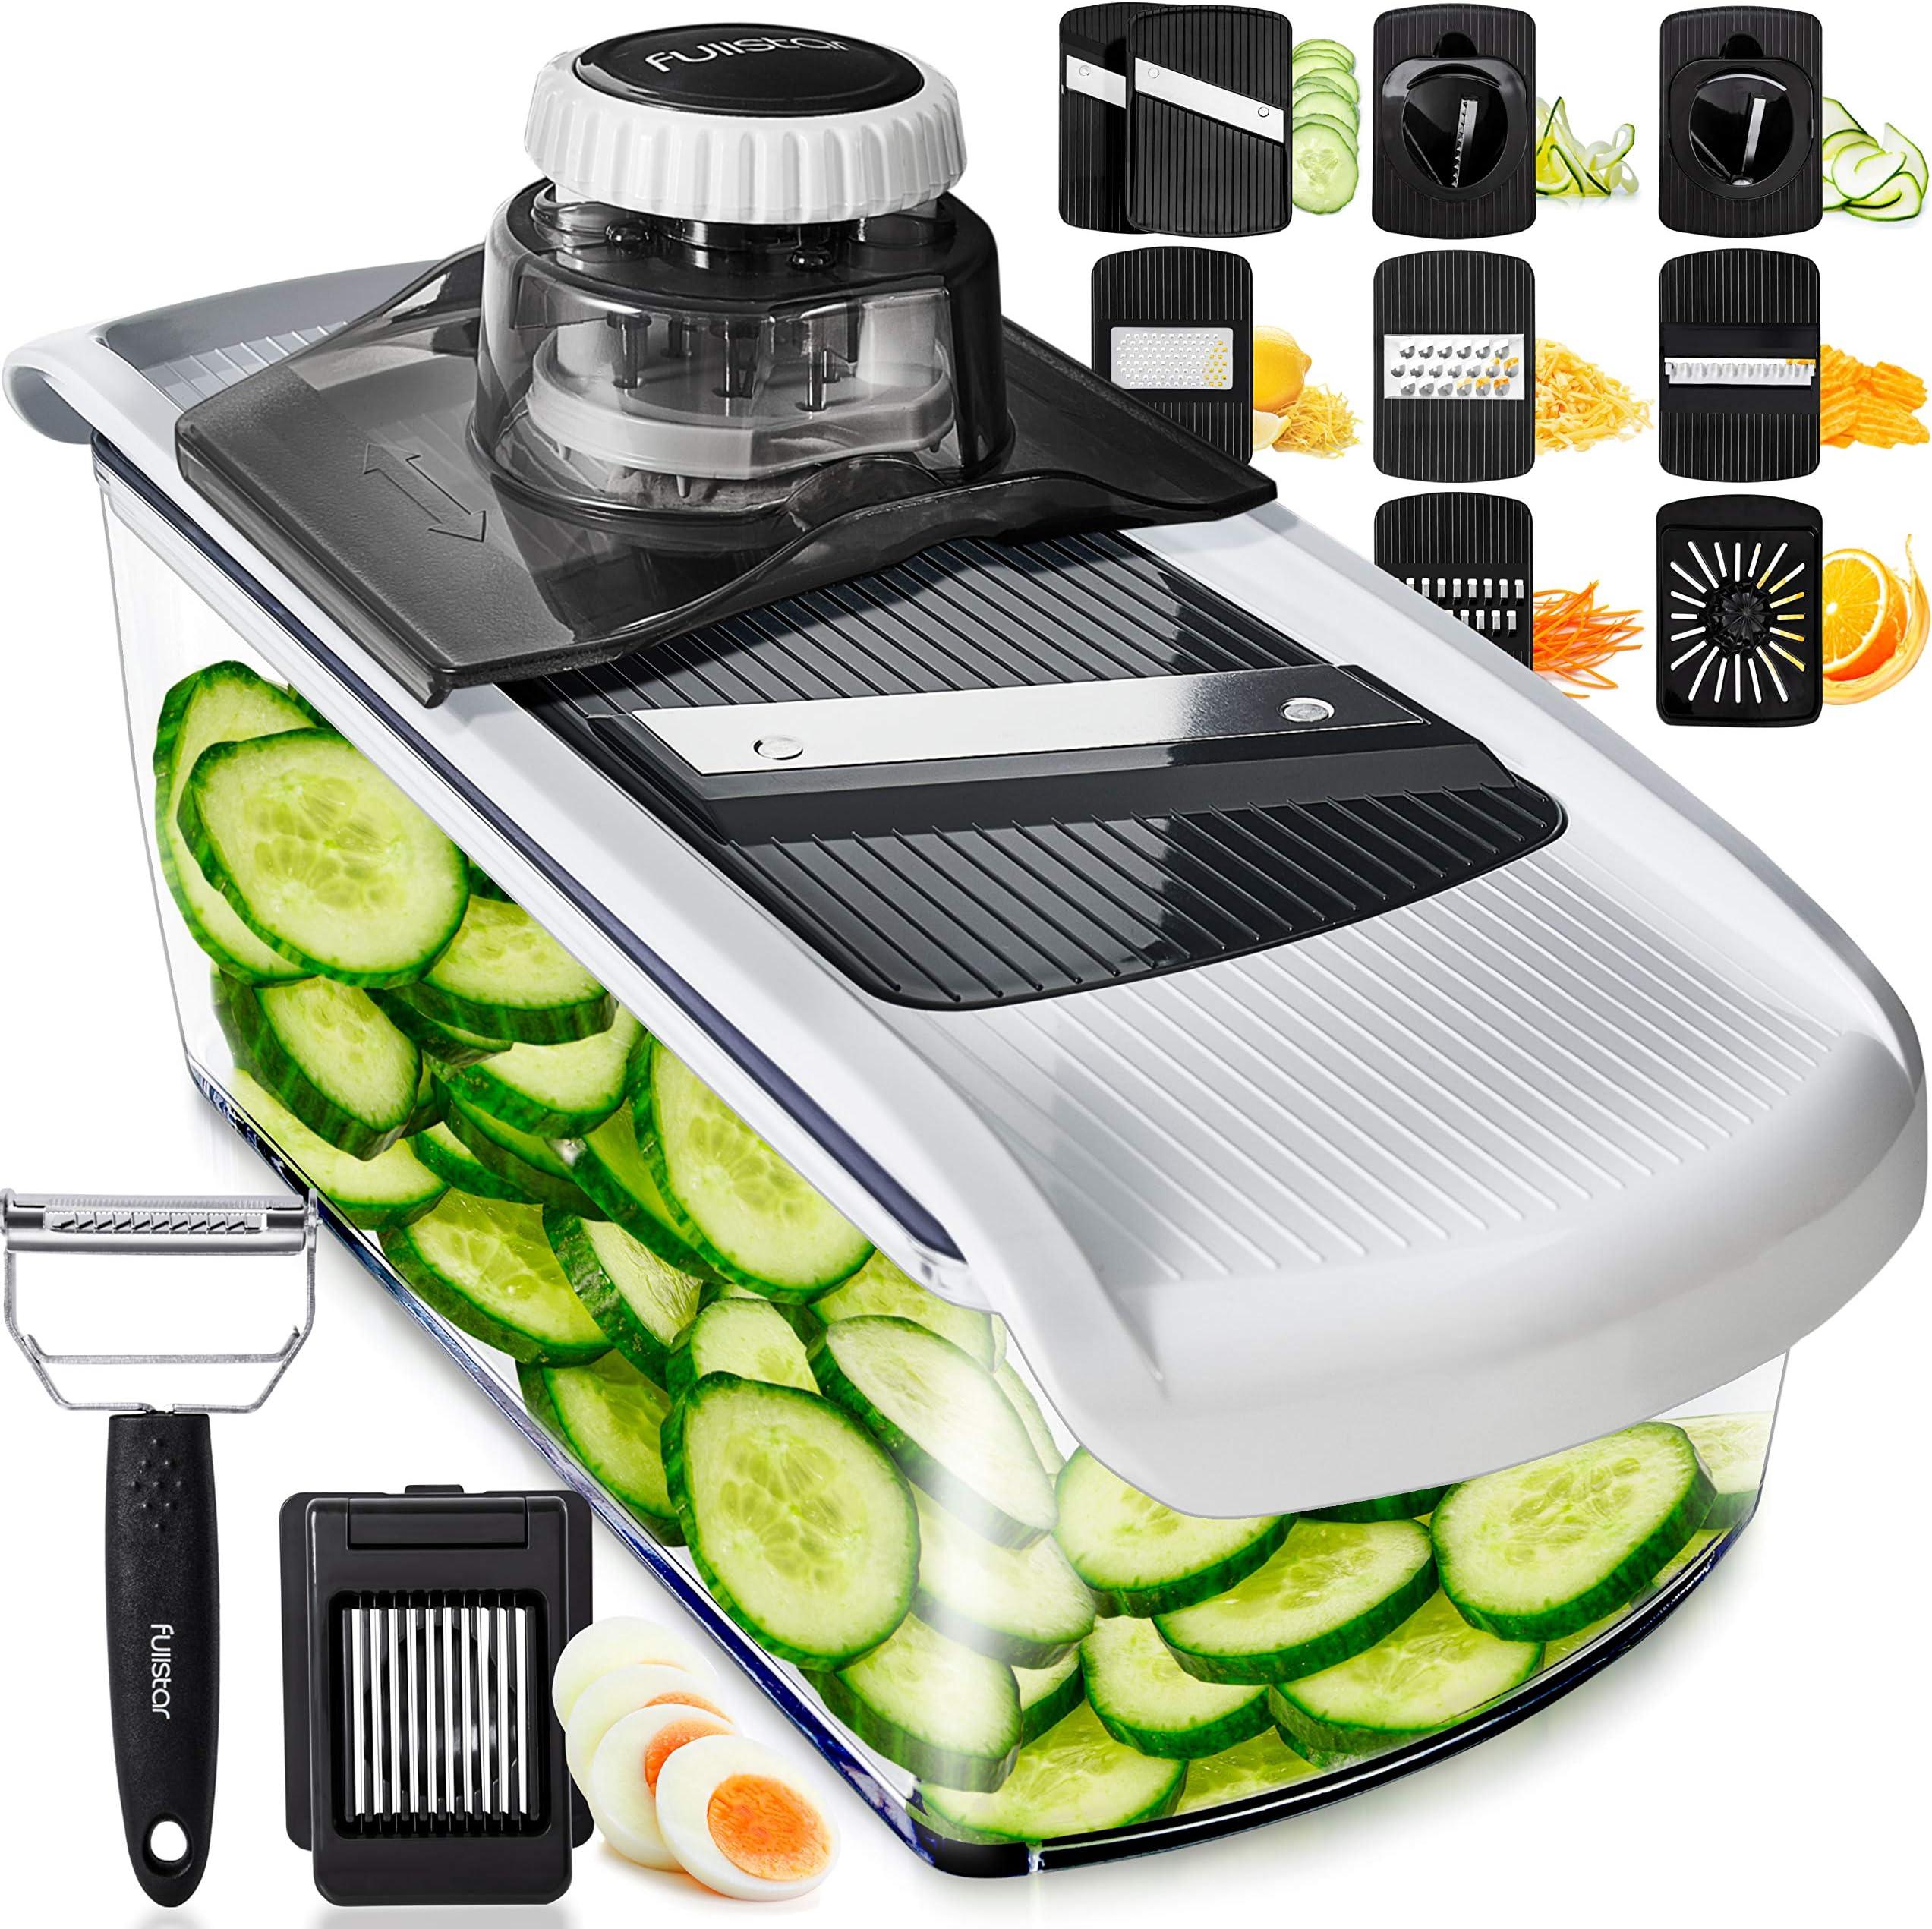 Mandoline Slicer Vegetable Slicer and Vegetable Grater - Potato Slicer Food Slicer Veggie Slicers Mandoline Slicer Cutter Grater - Veggie Slicer Onion Slicer Fruit Slicers for Fruits and Vegetables